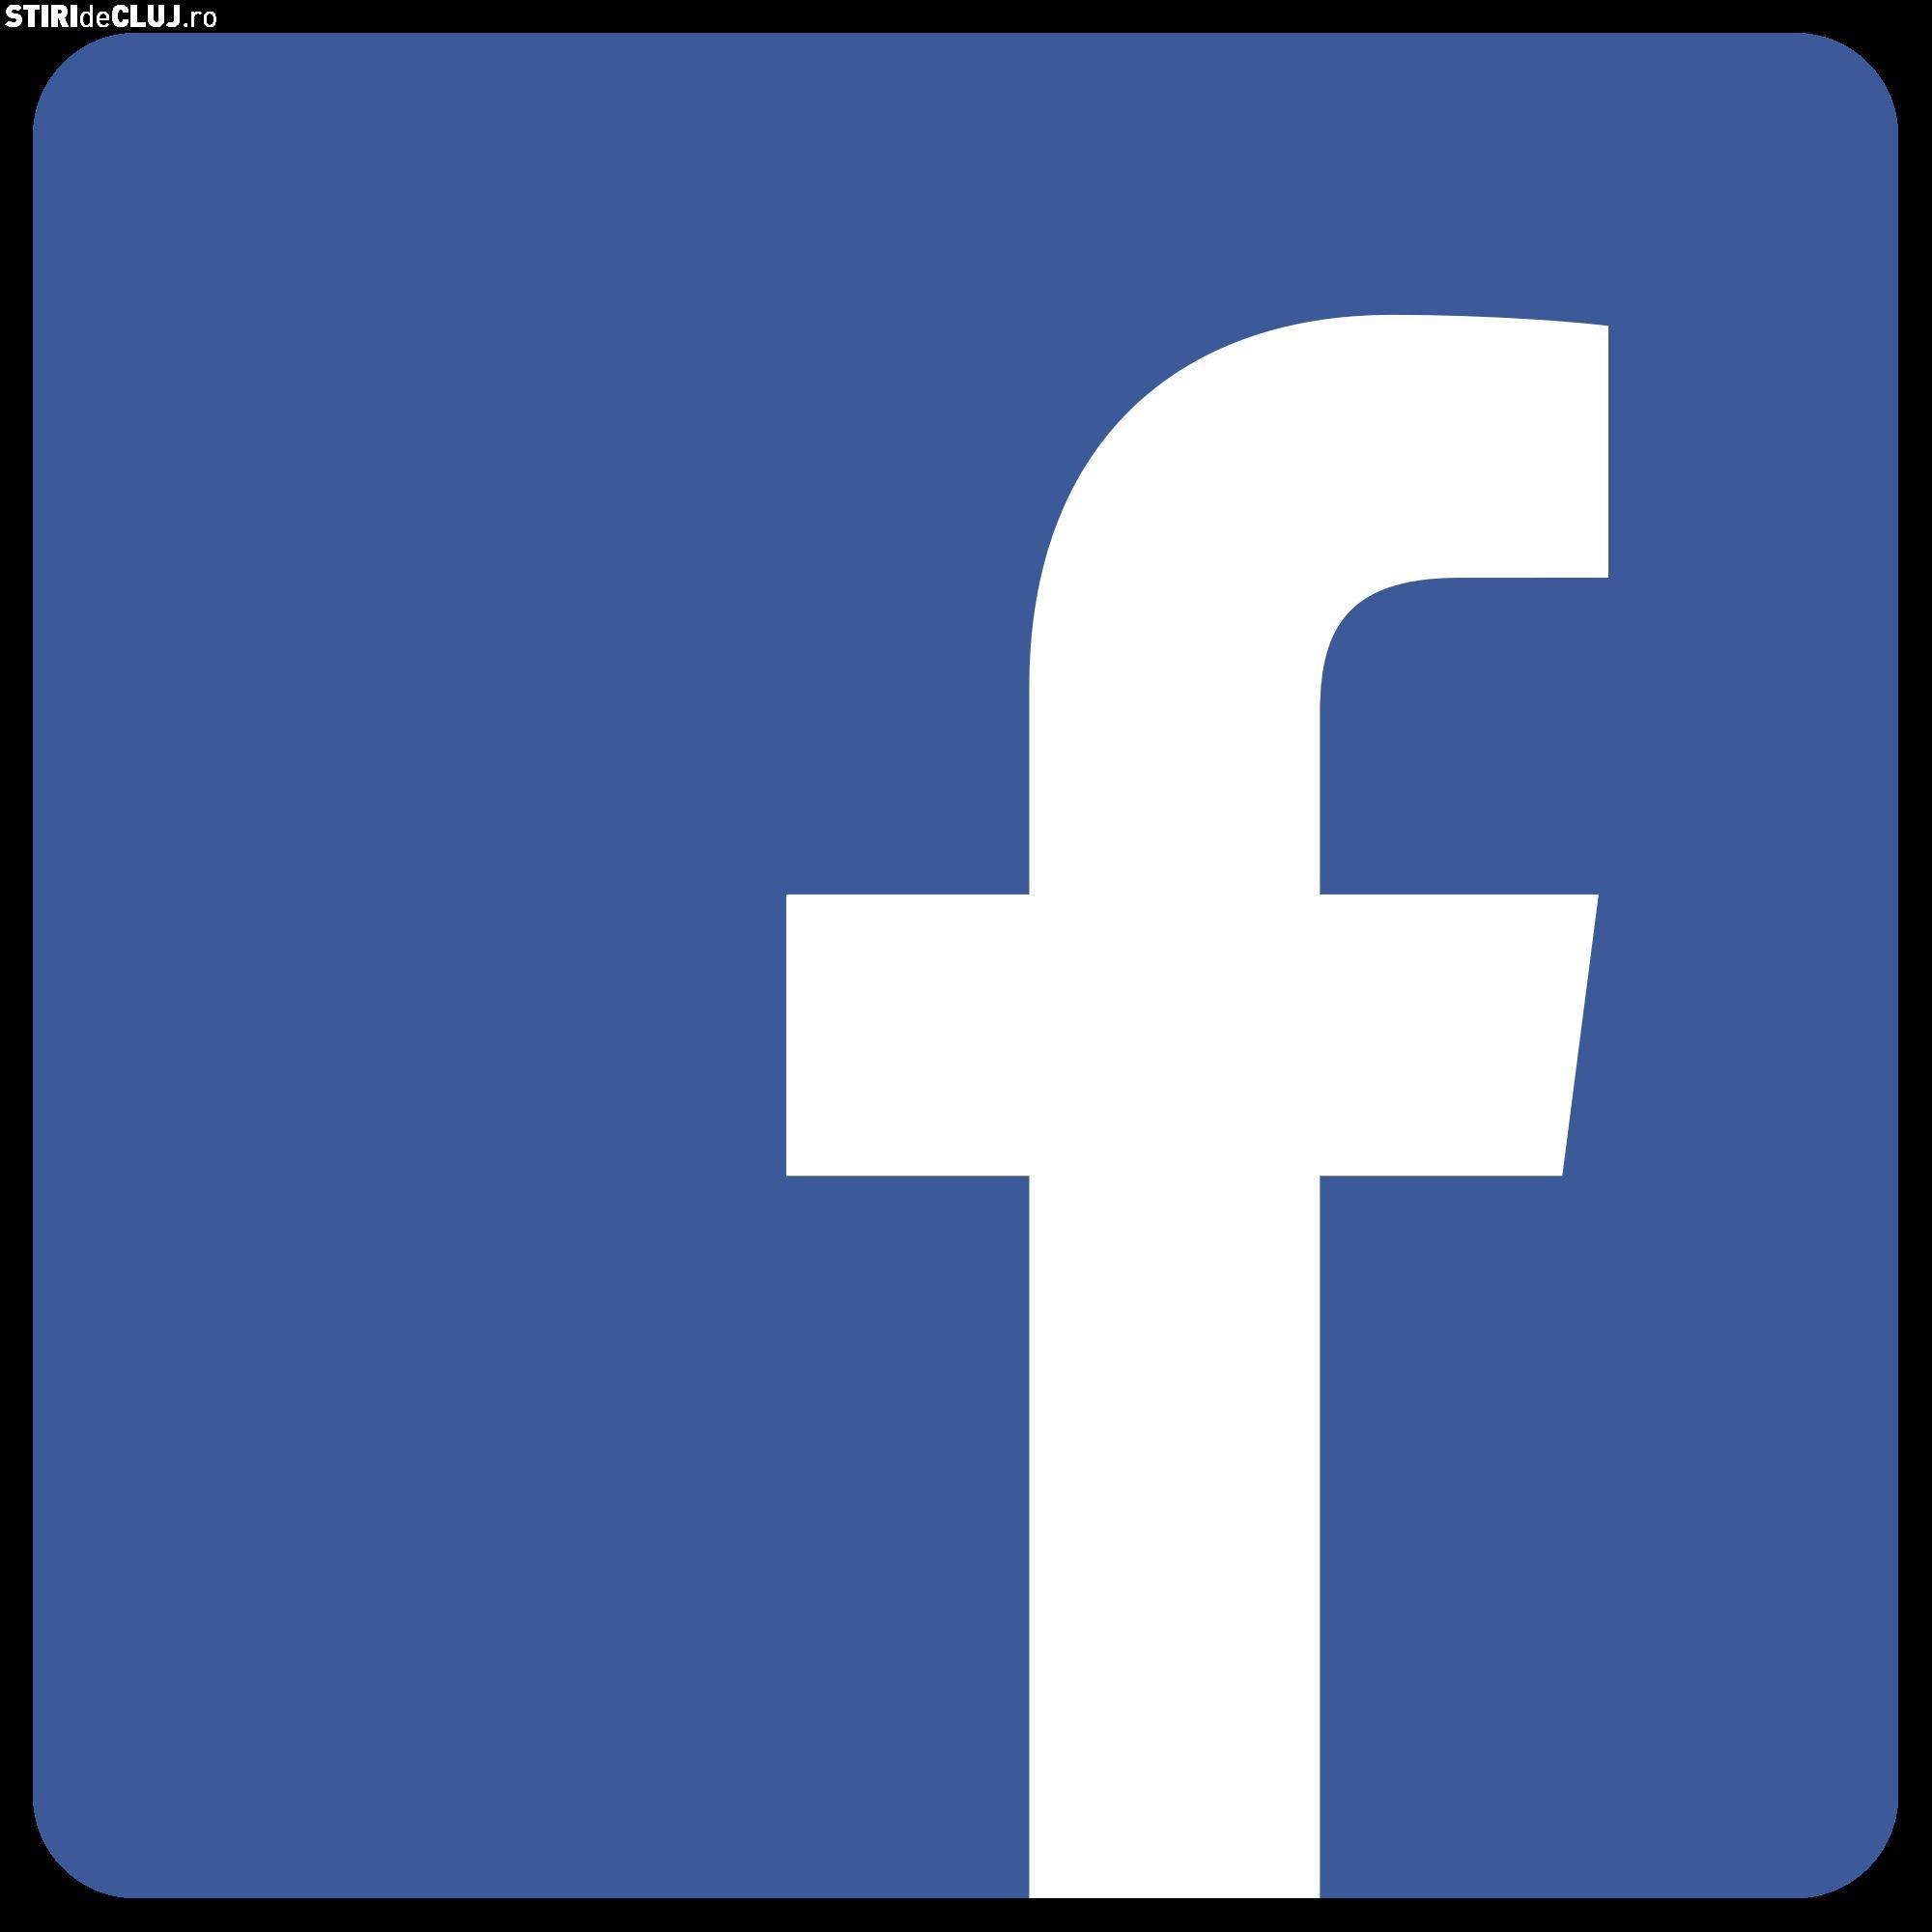 Facebook a blocat peste 200 de aplicații, după scandalul Cambridge Analytica